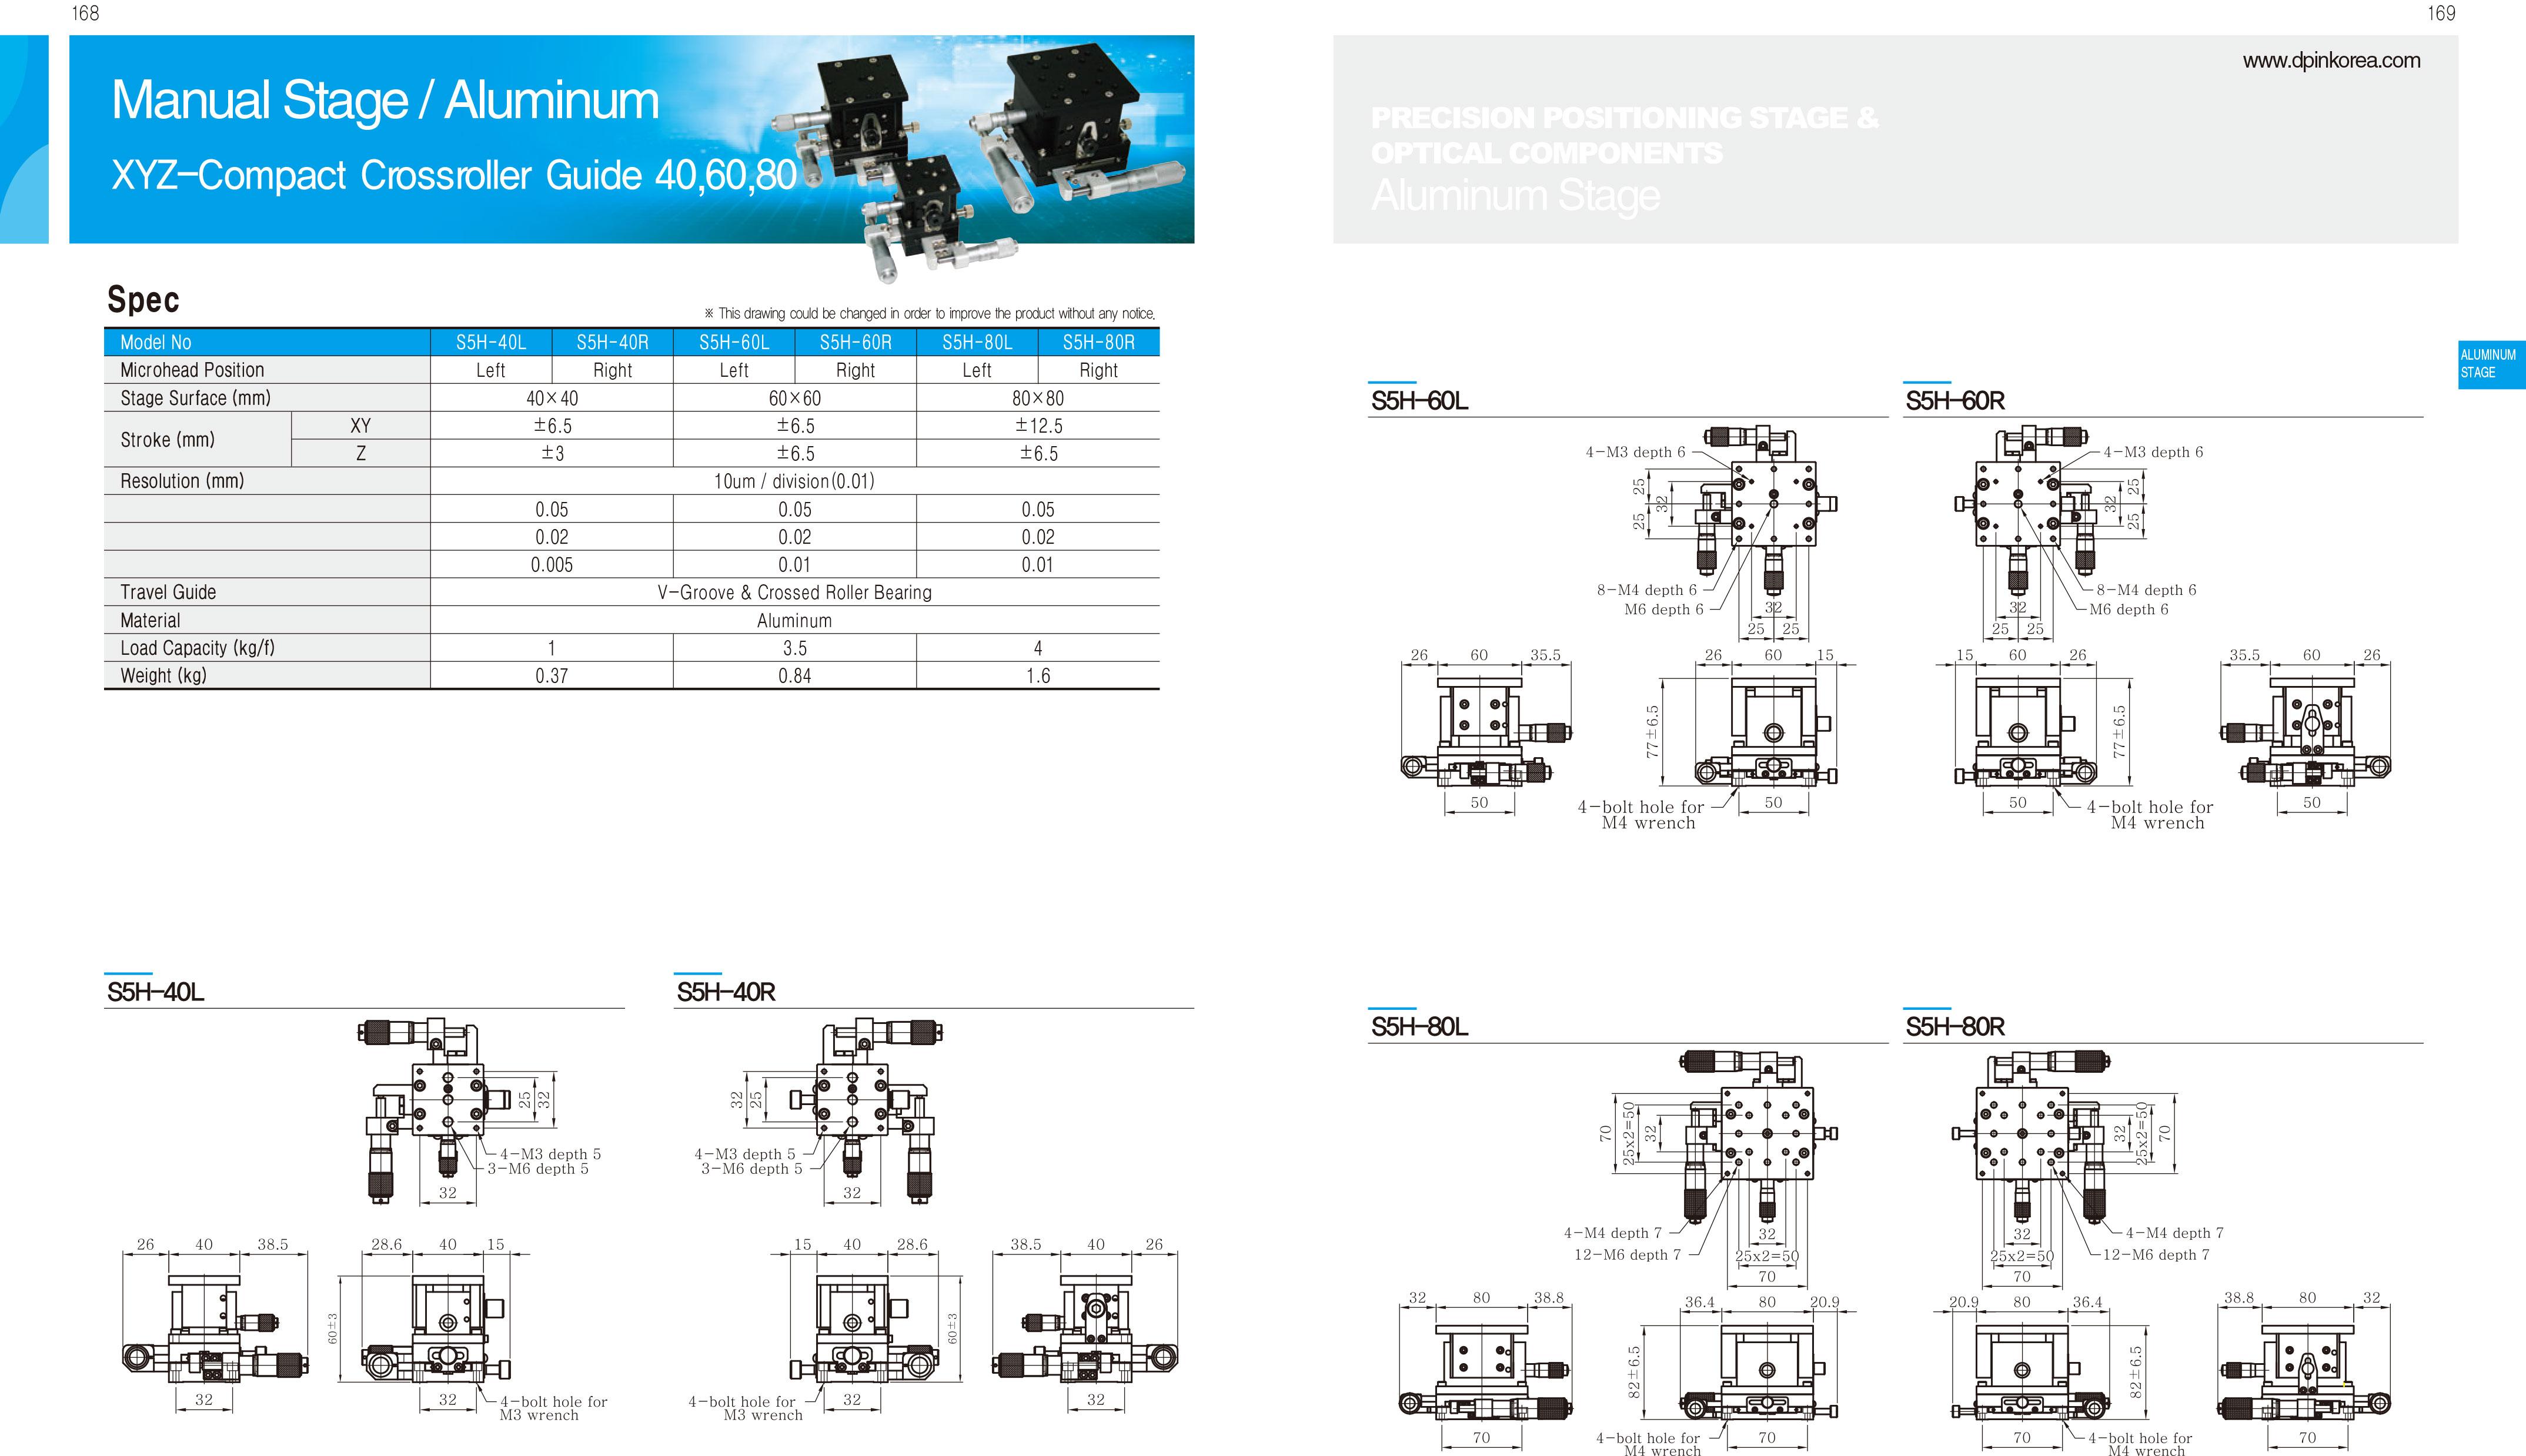 DPIN-Aluminum-精密滑台-40